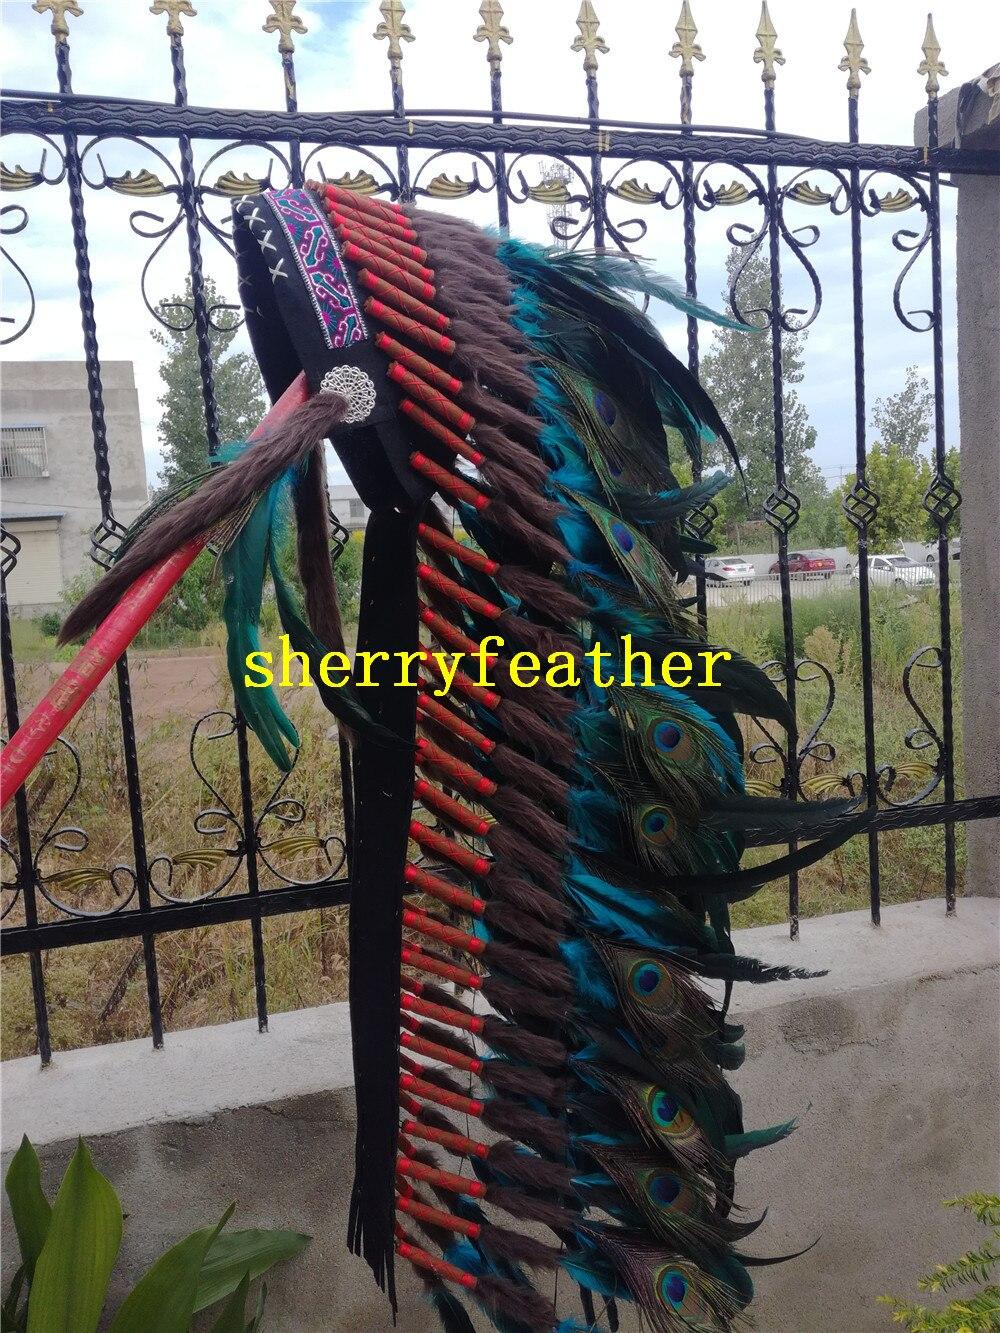 36 zoll Türkis Feder kopfschmuck handmade feder kostüm feder hut kopfstück stirnband-in Feder aus Heim und Garten bei  Gruppe 2